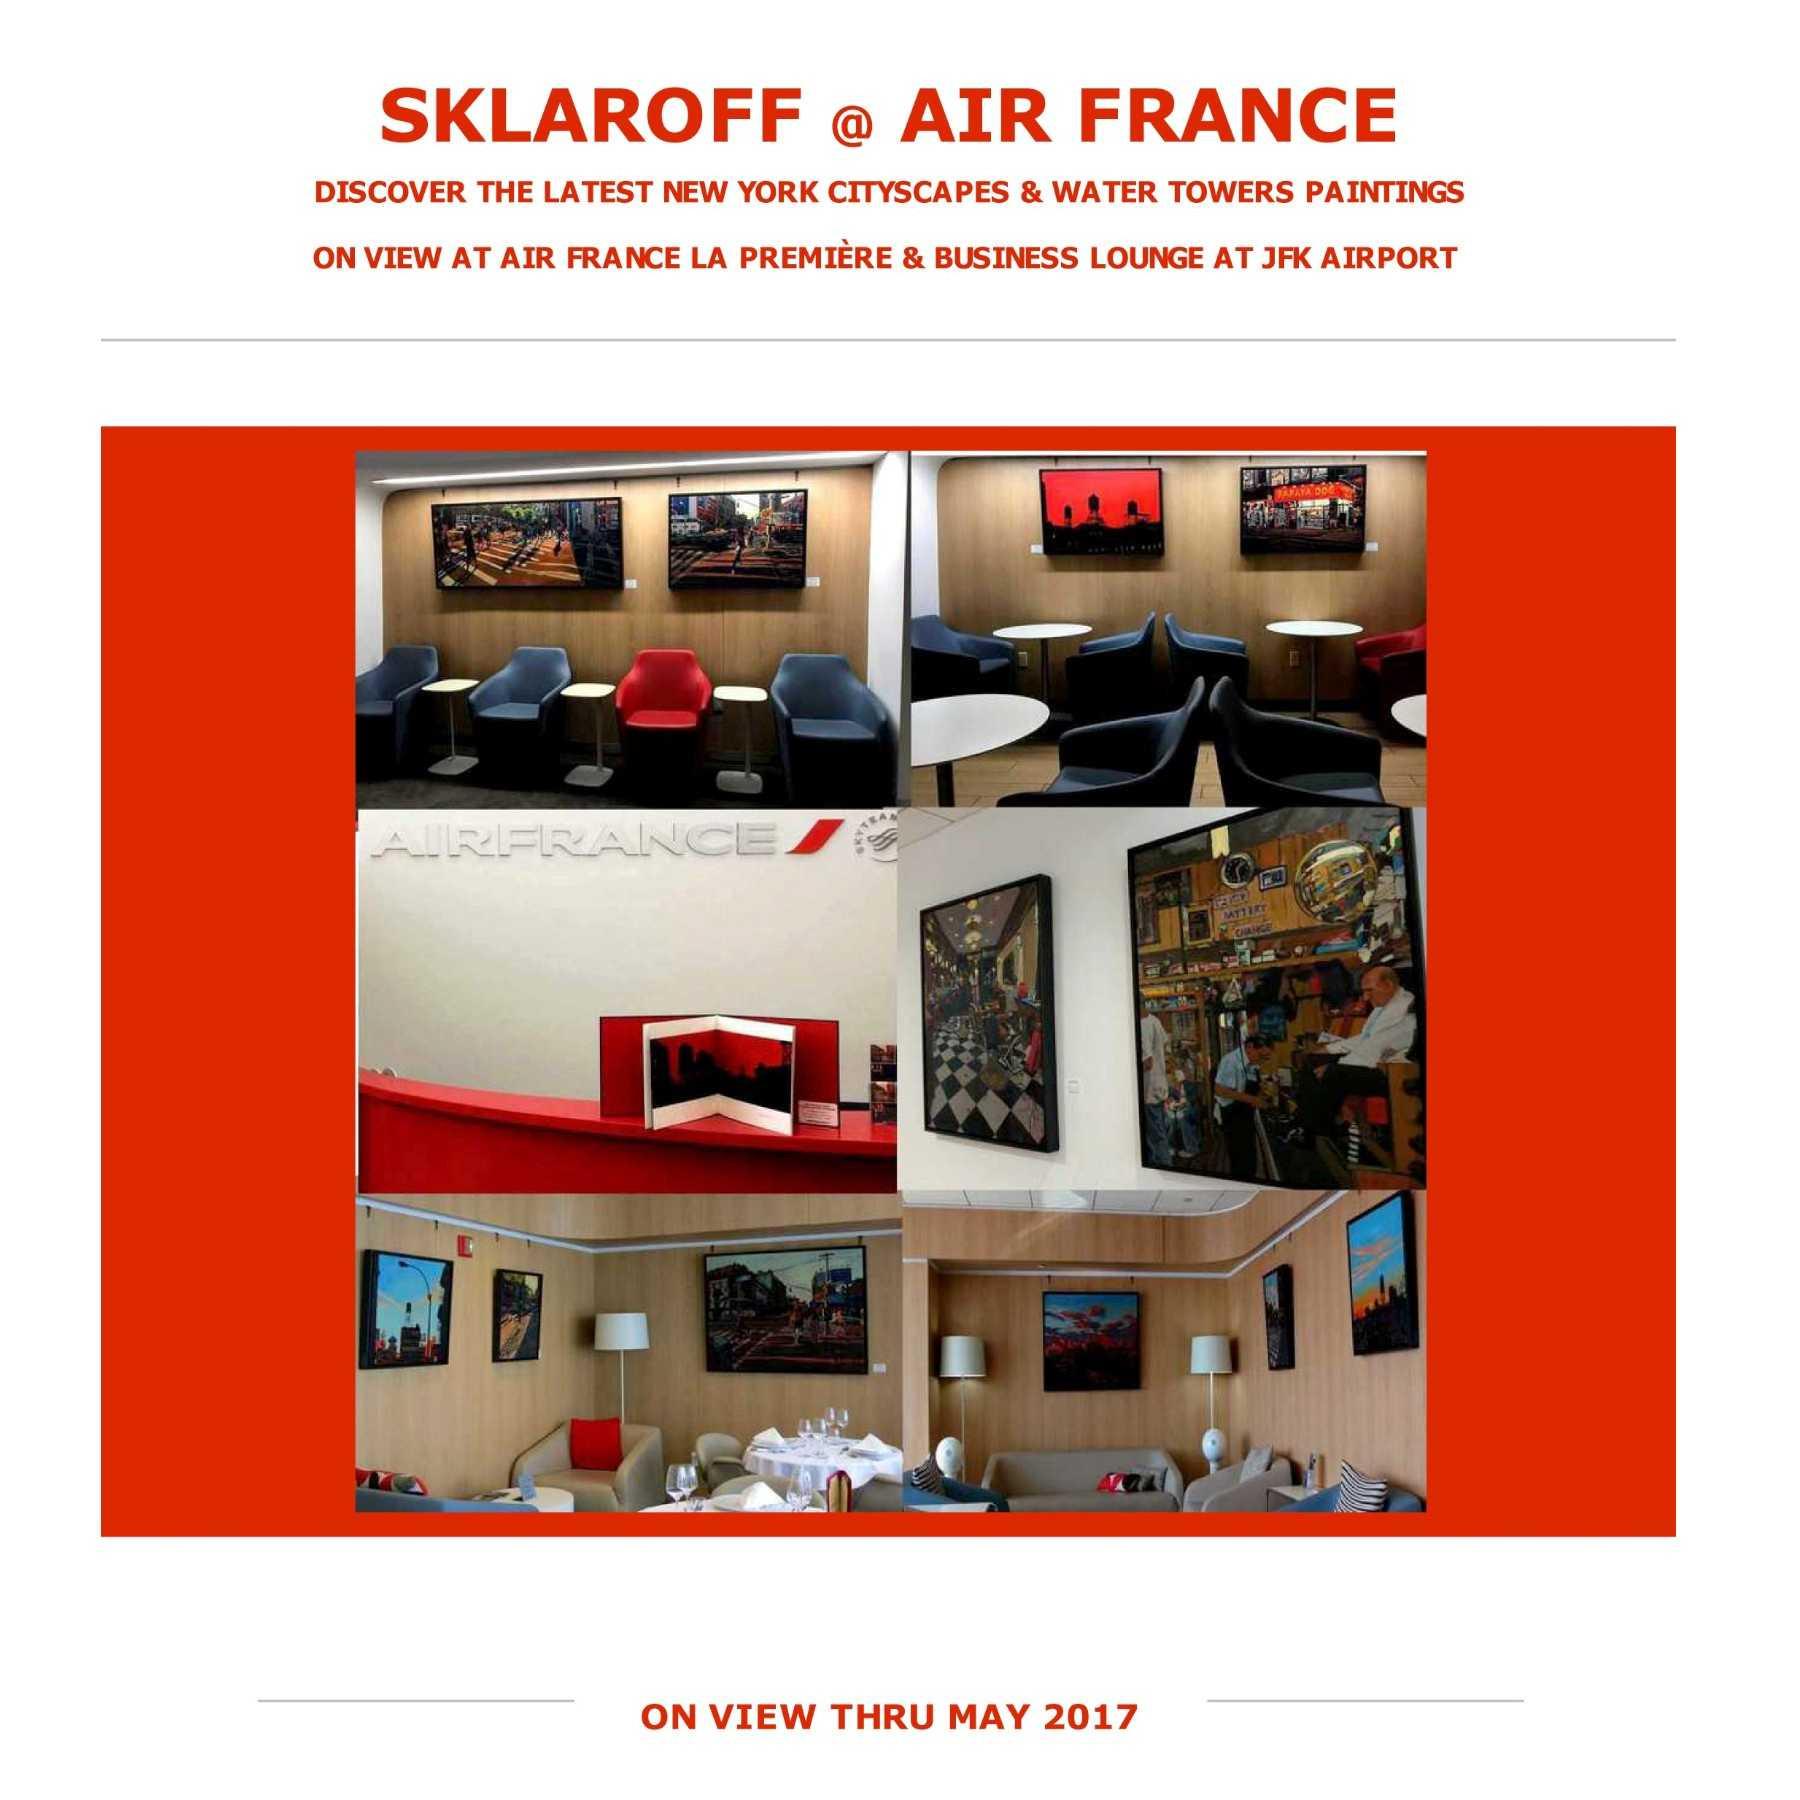 SKLAROFF at Air France